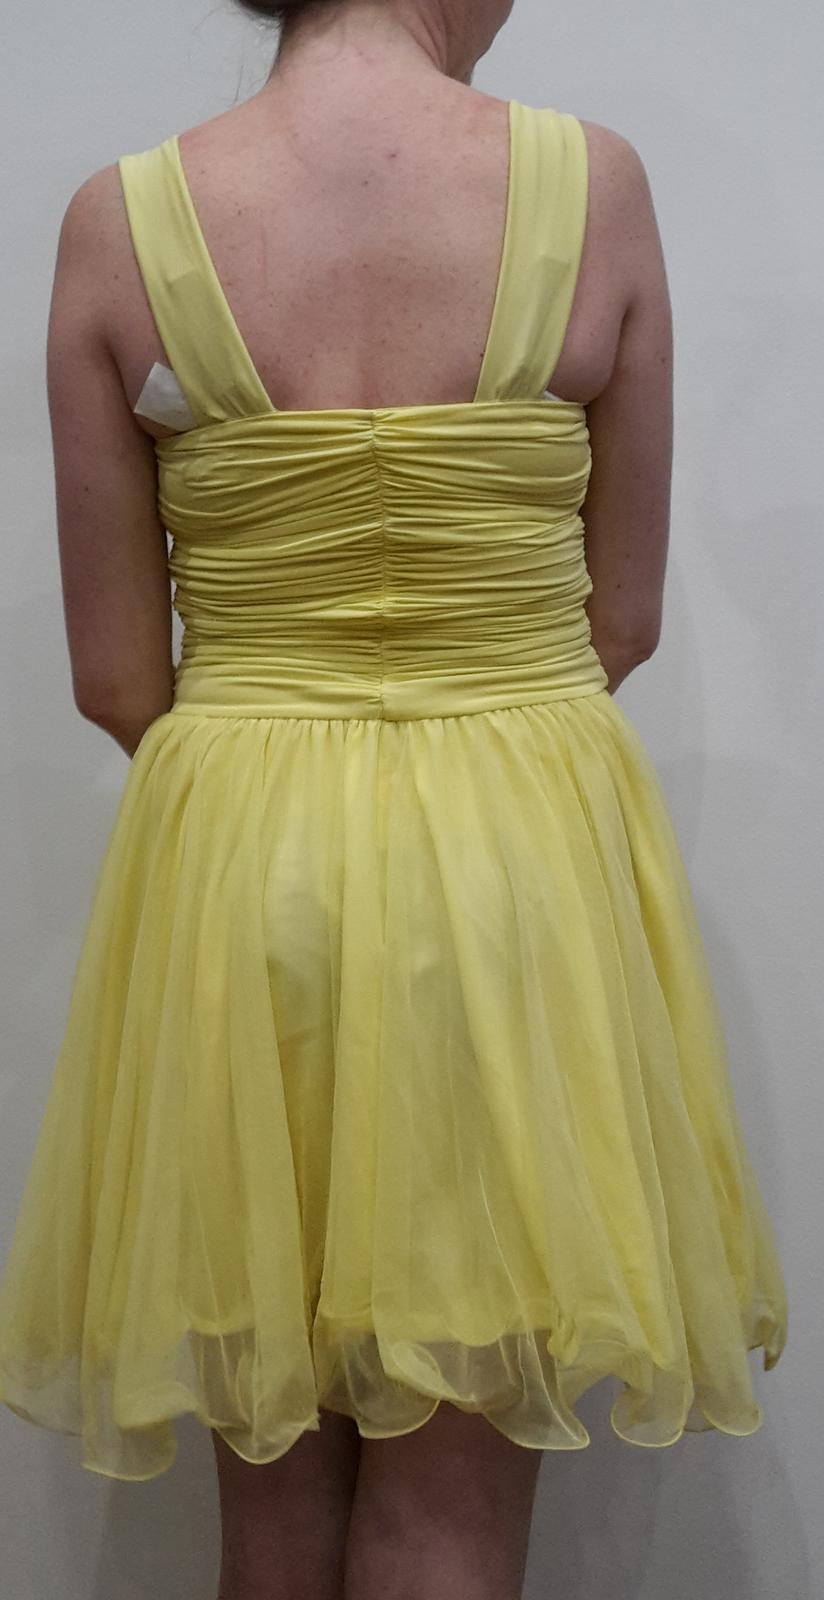 Krátke spoločenské šaty s ramienkami, žlté - Obrázok č. 4